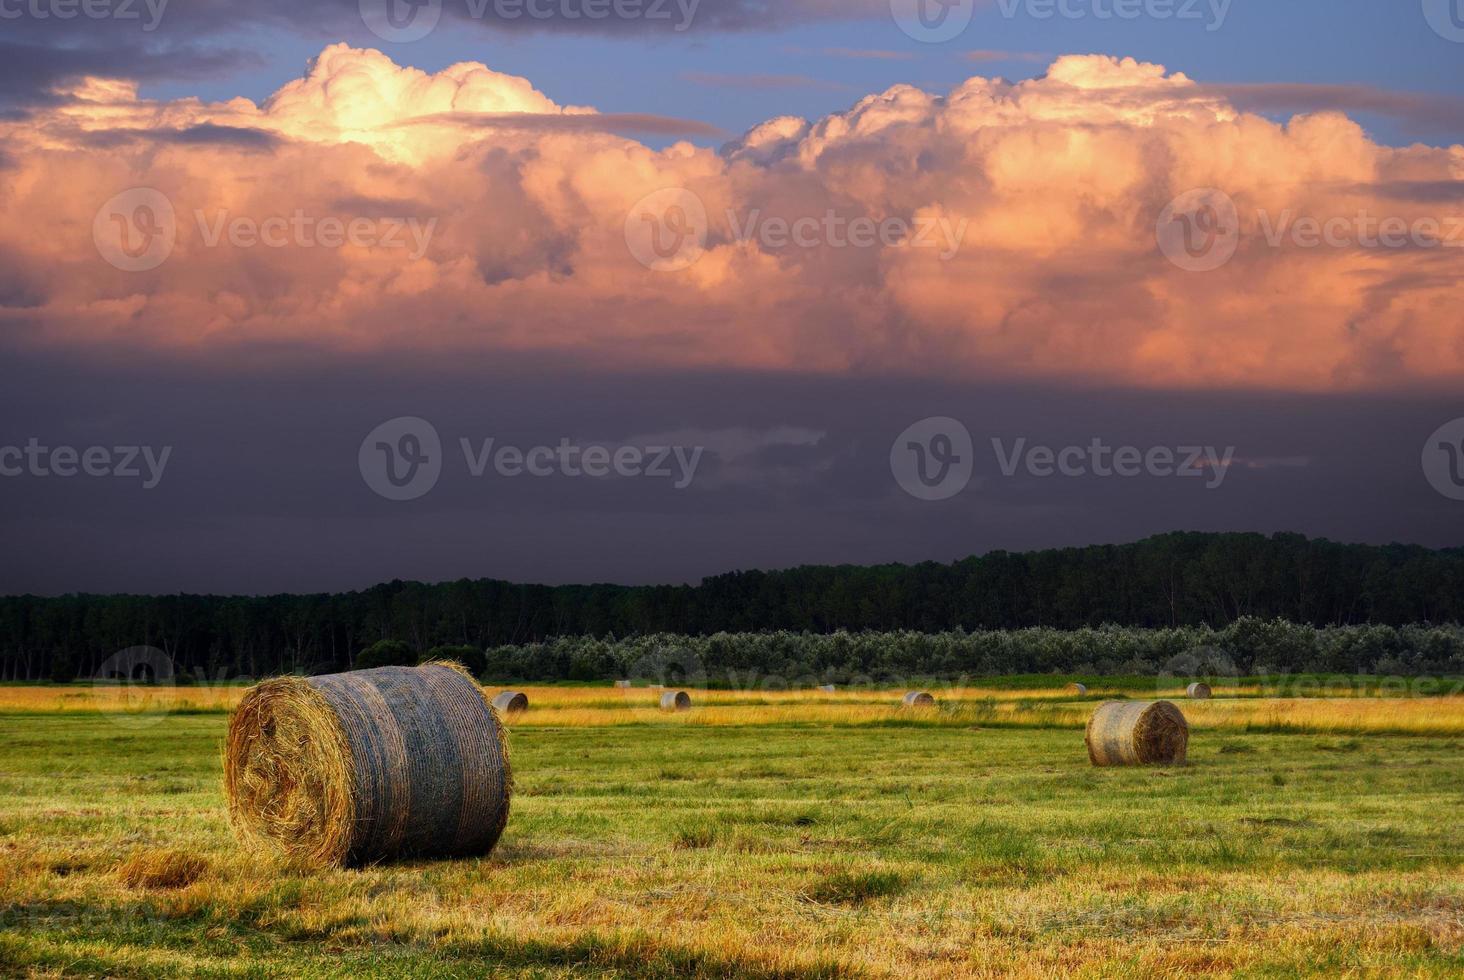 fardos de feno no campo após a colheita, hungria foto